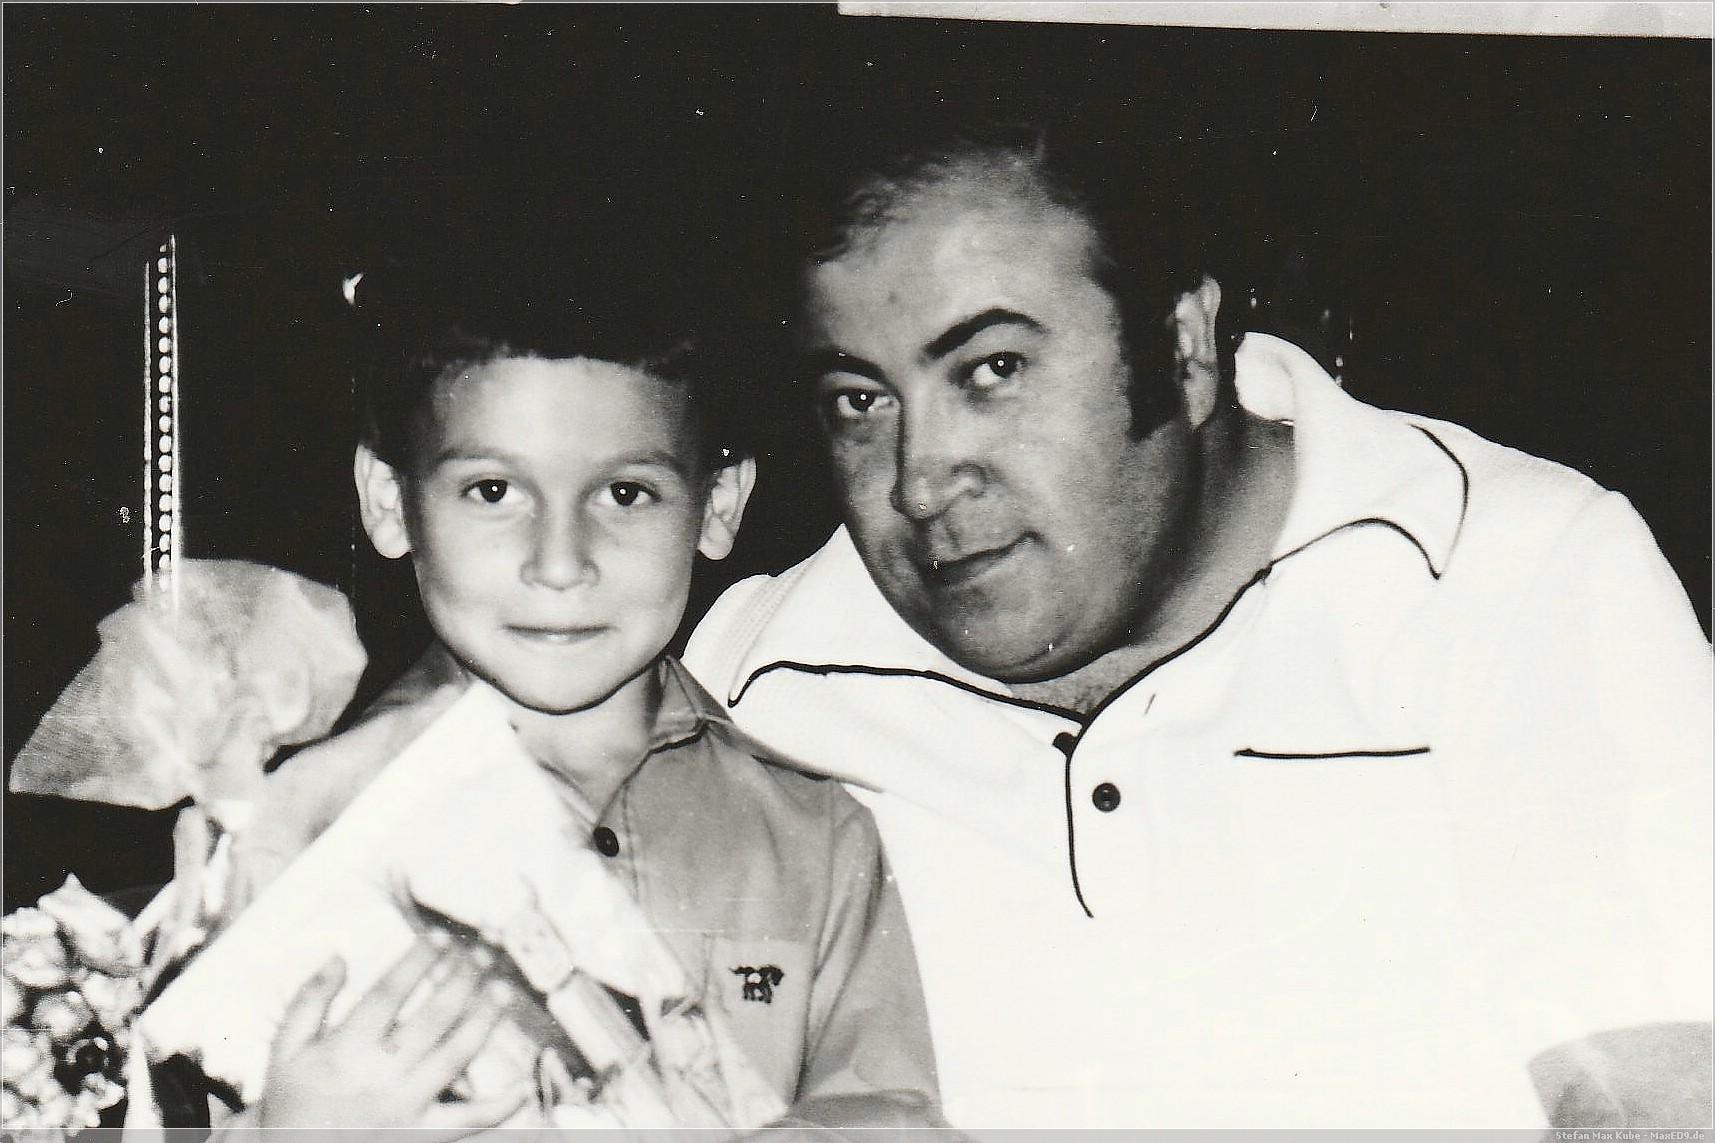 Mein Vater und ich am Tage meiner Einschulung